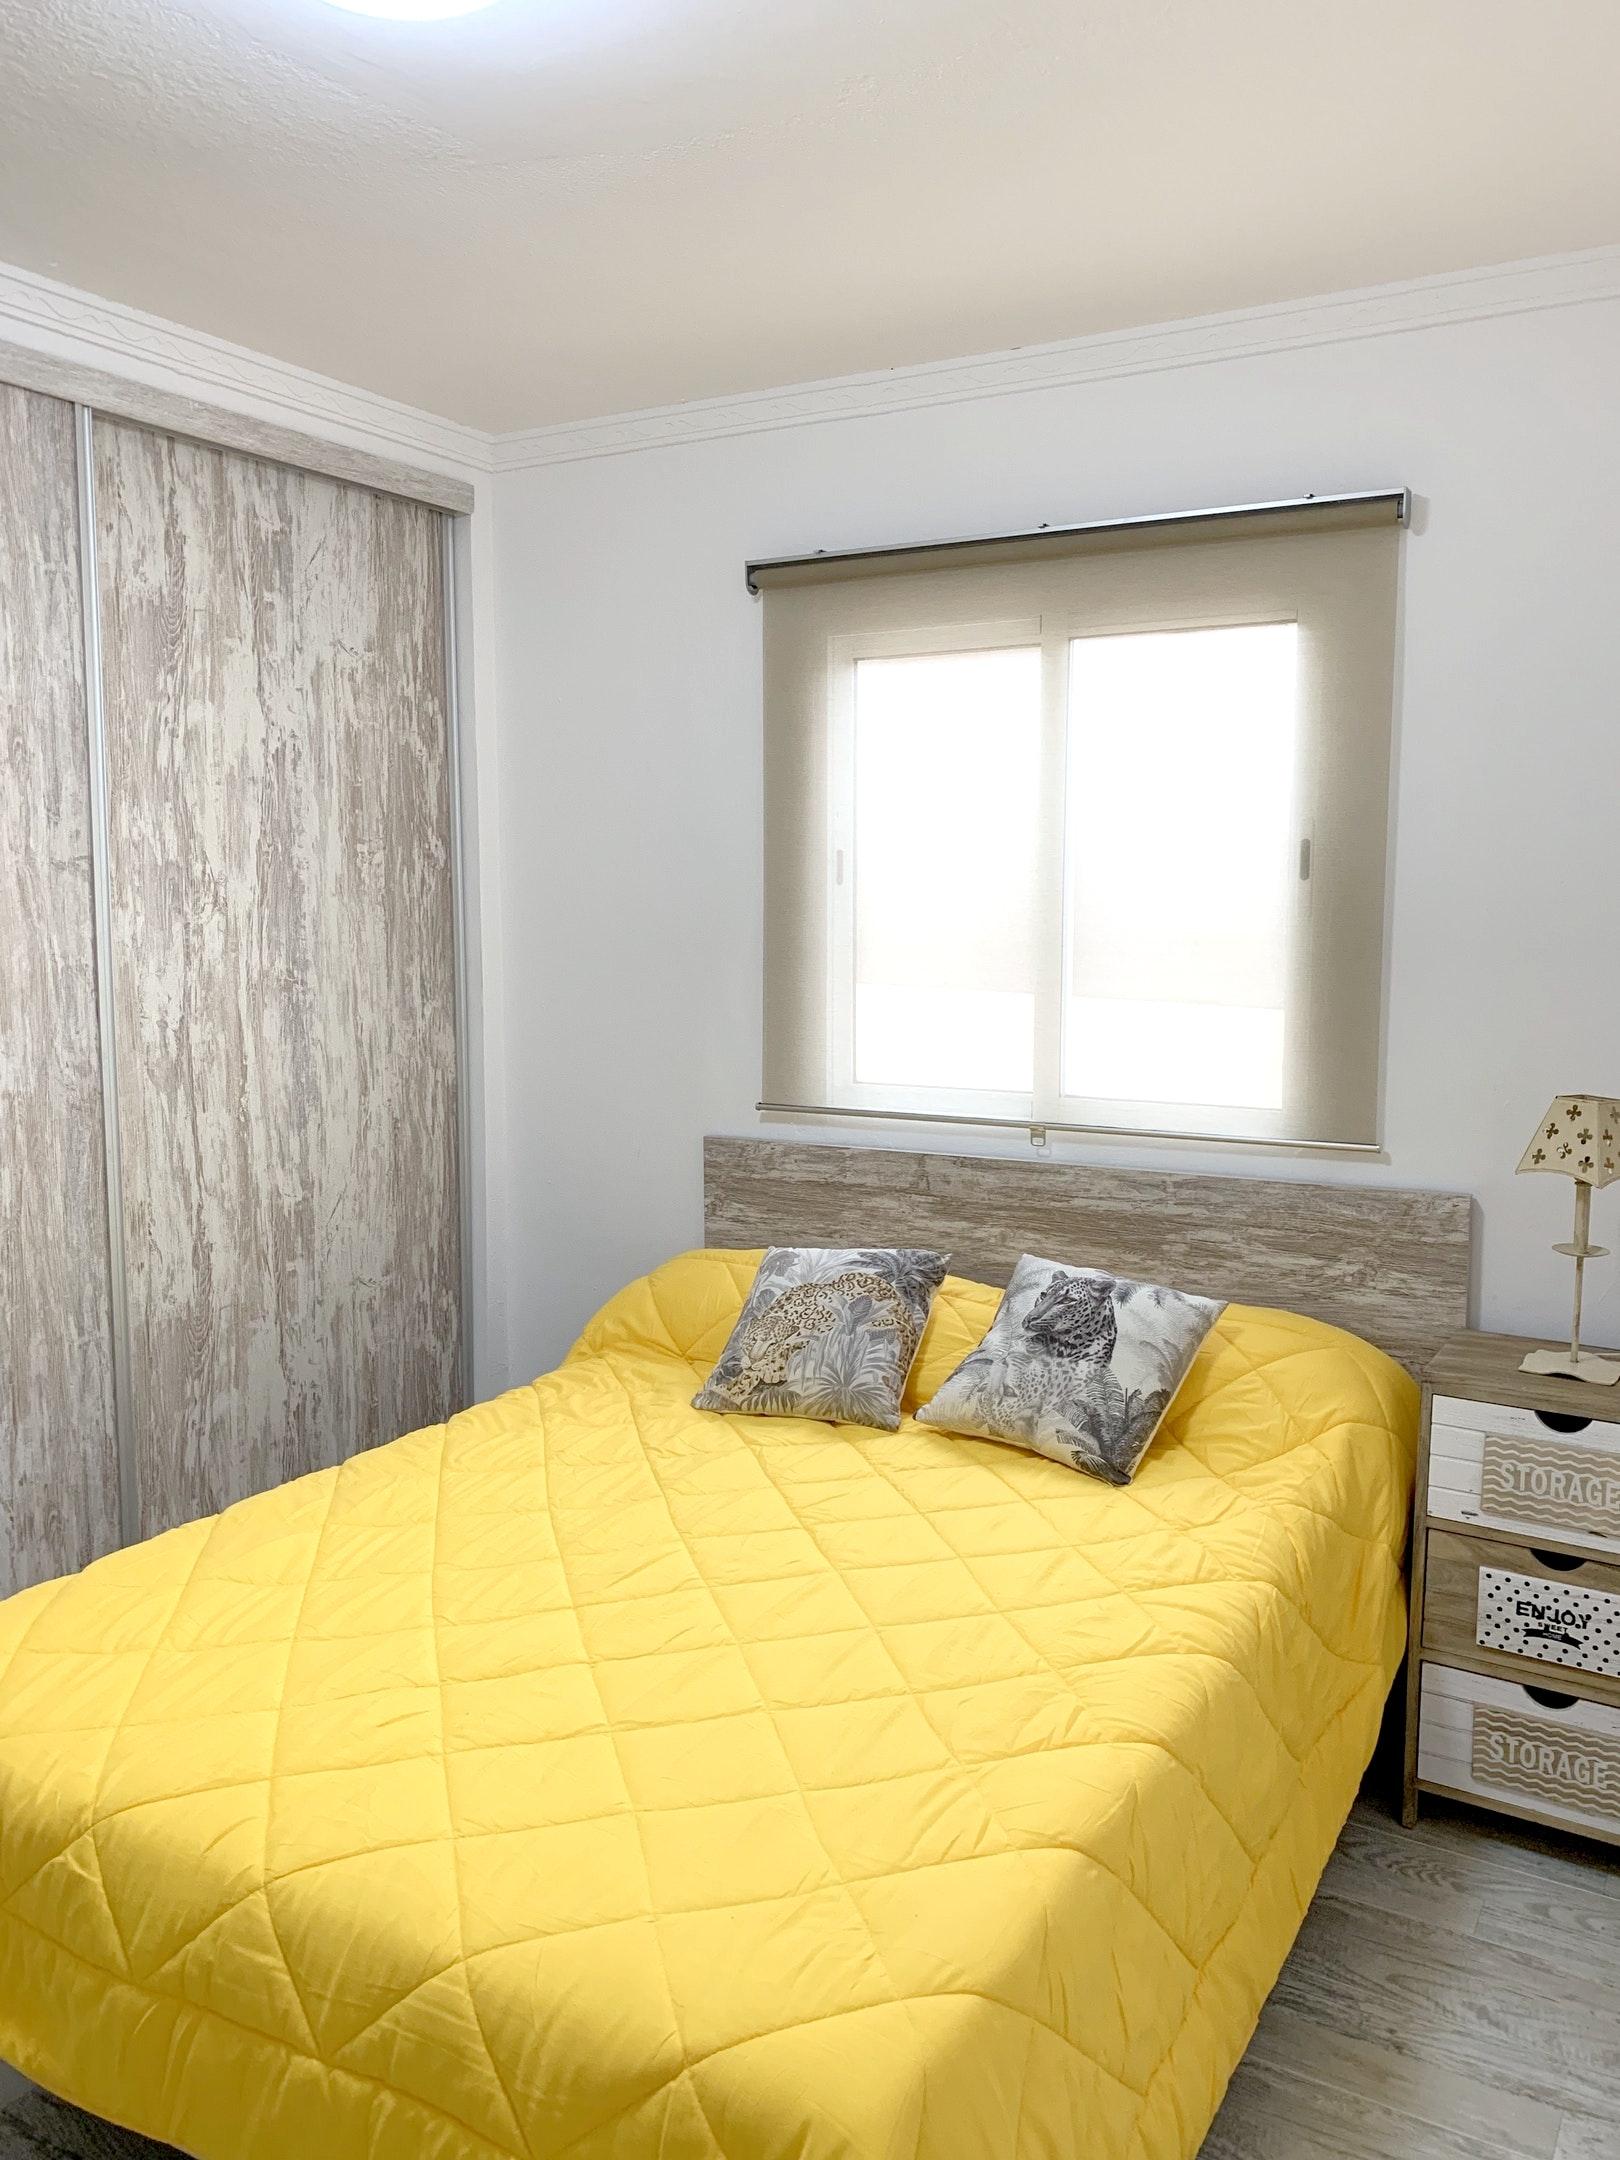 Appartement de vacances Wohnung mit 2 Schlafzimmern in Los Cristianos mit toller Aussicht auf die Berge, eingezäun (2202481), Los Cristianos, Ténérife, Iles Canaries, Espagne, image 5